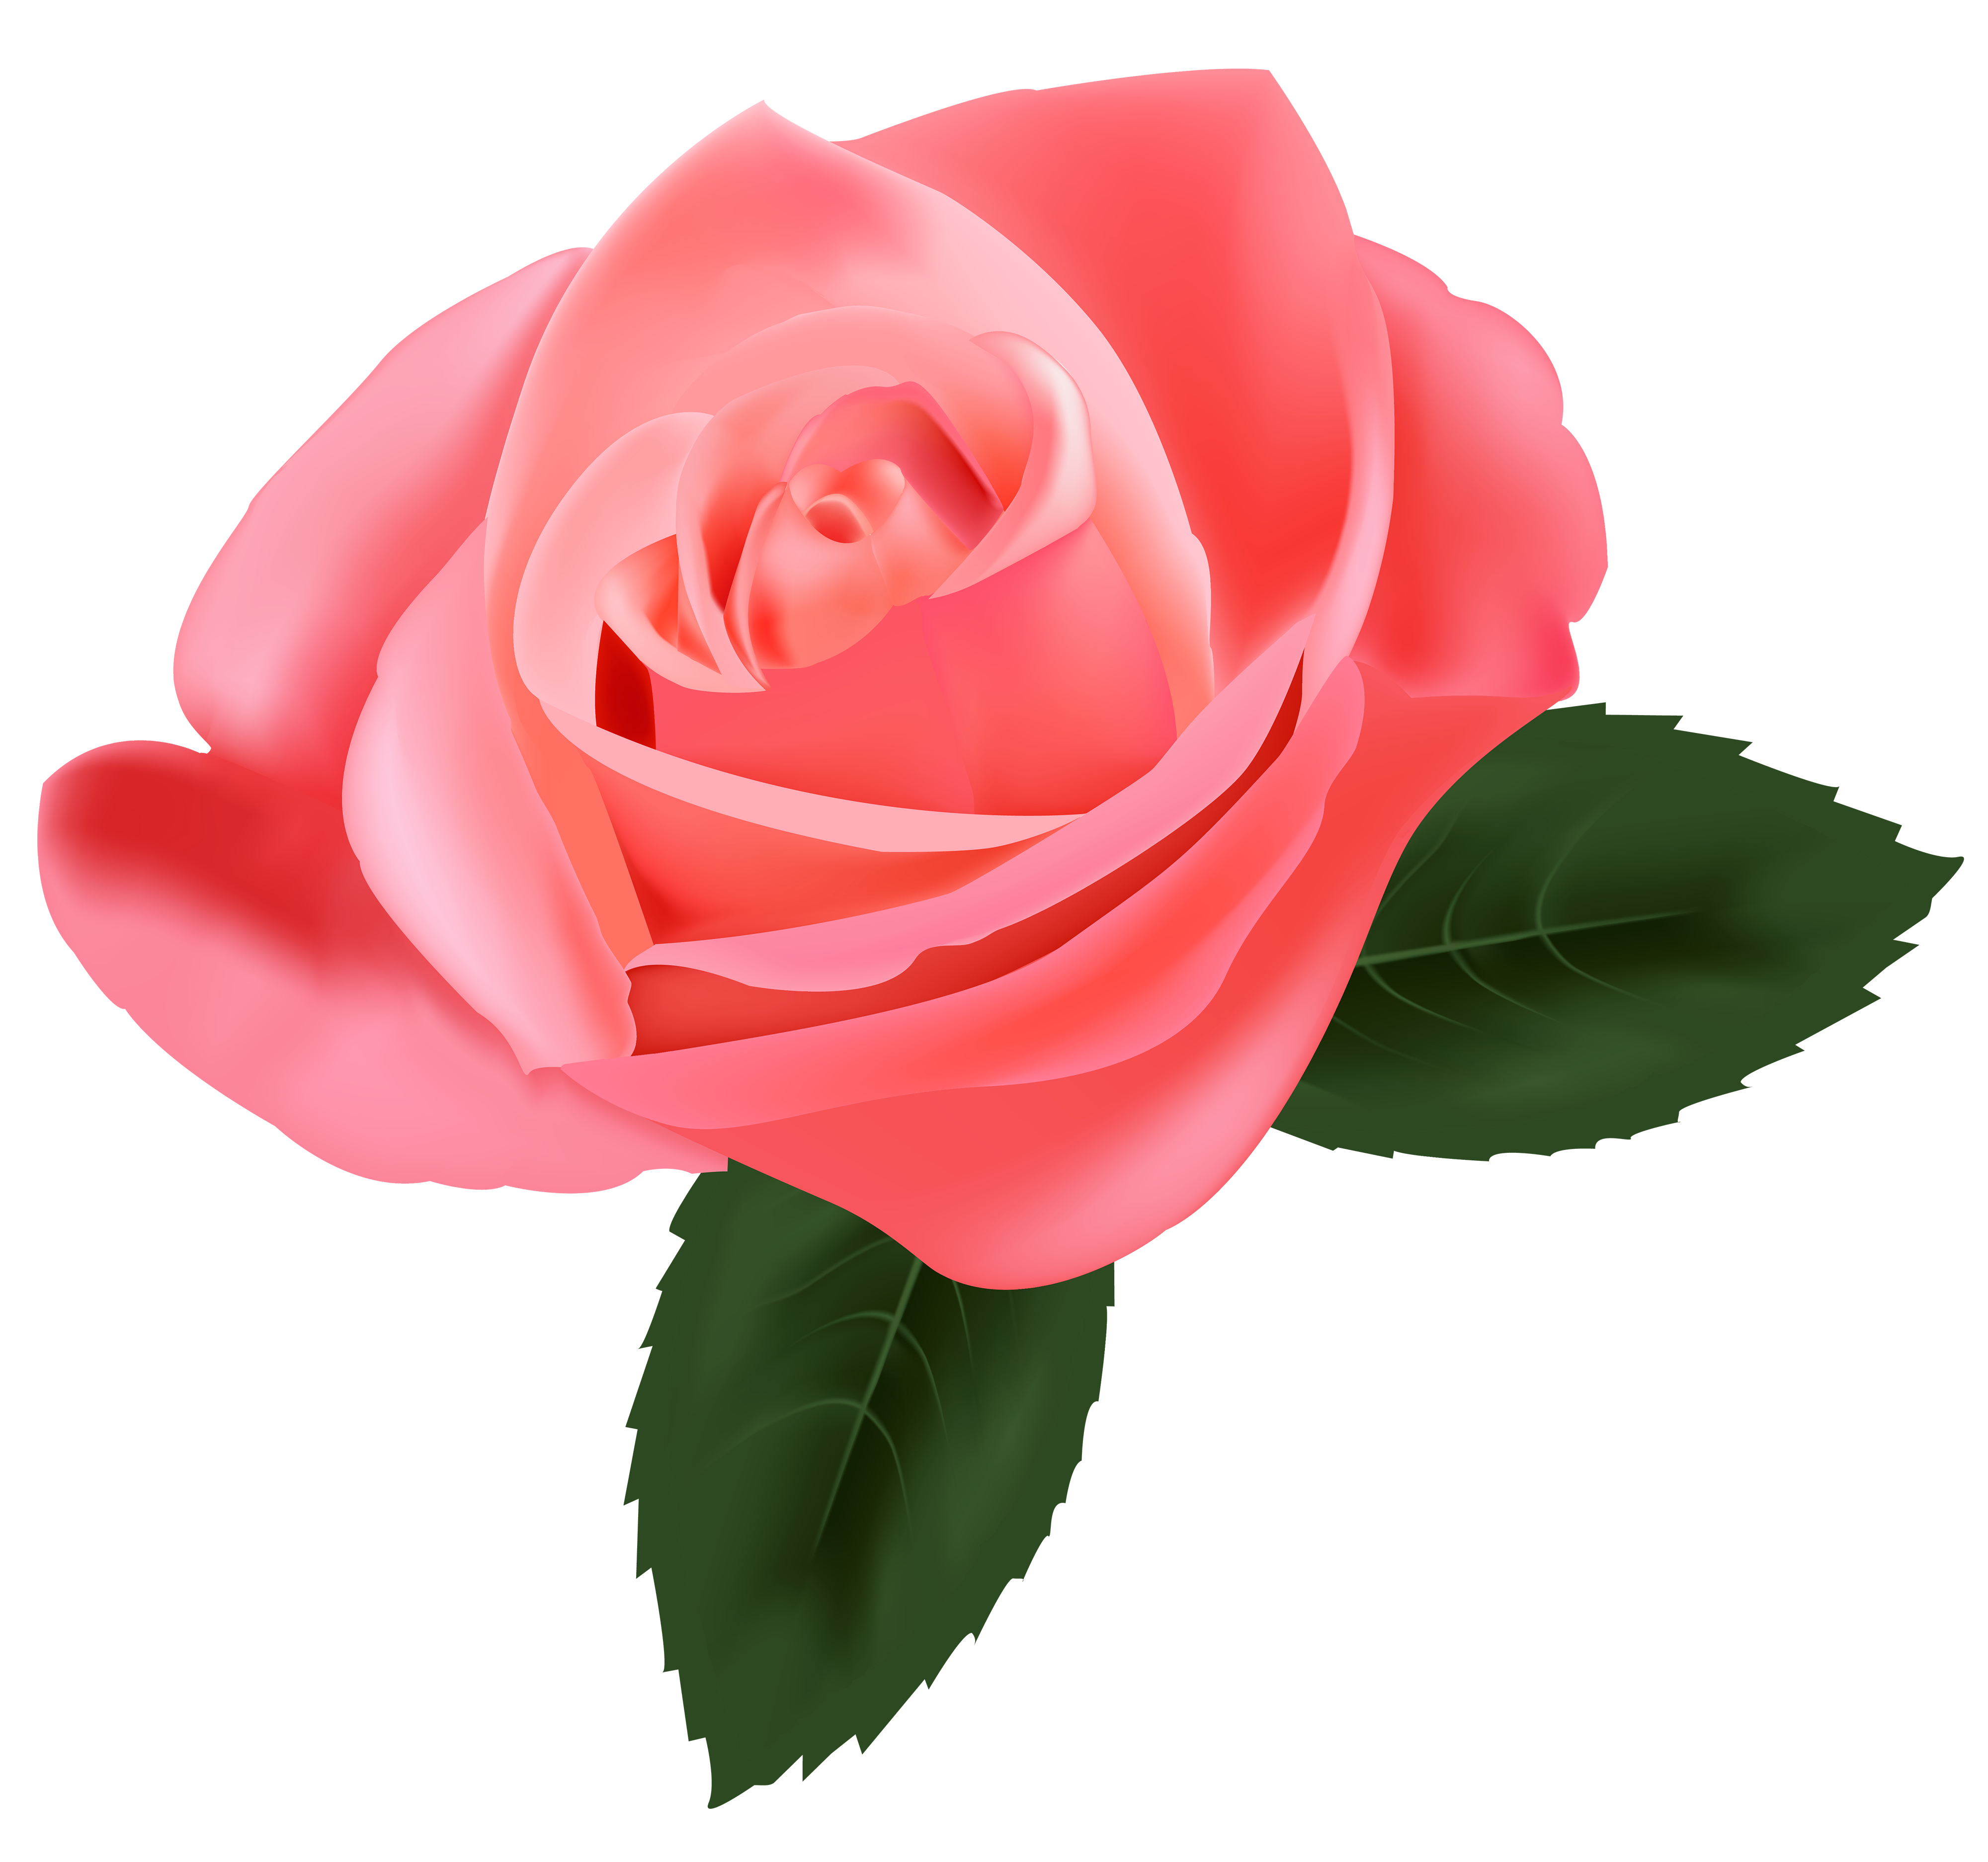 Emoji clipart rose. Pink png best web